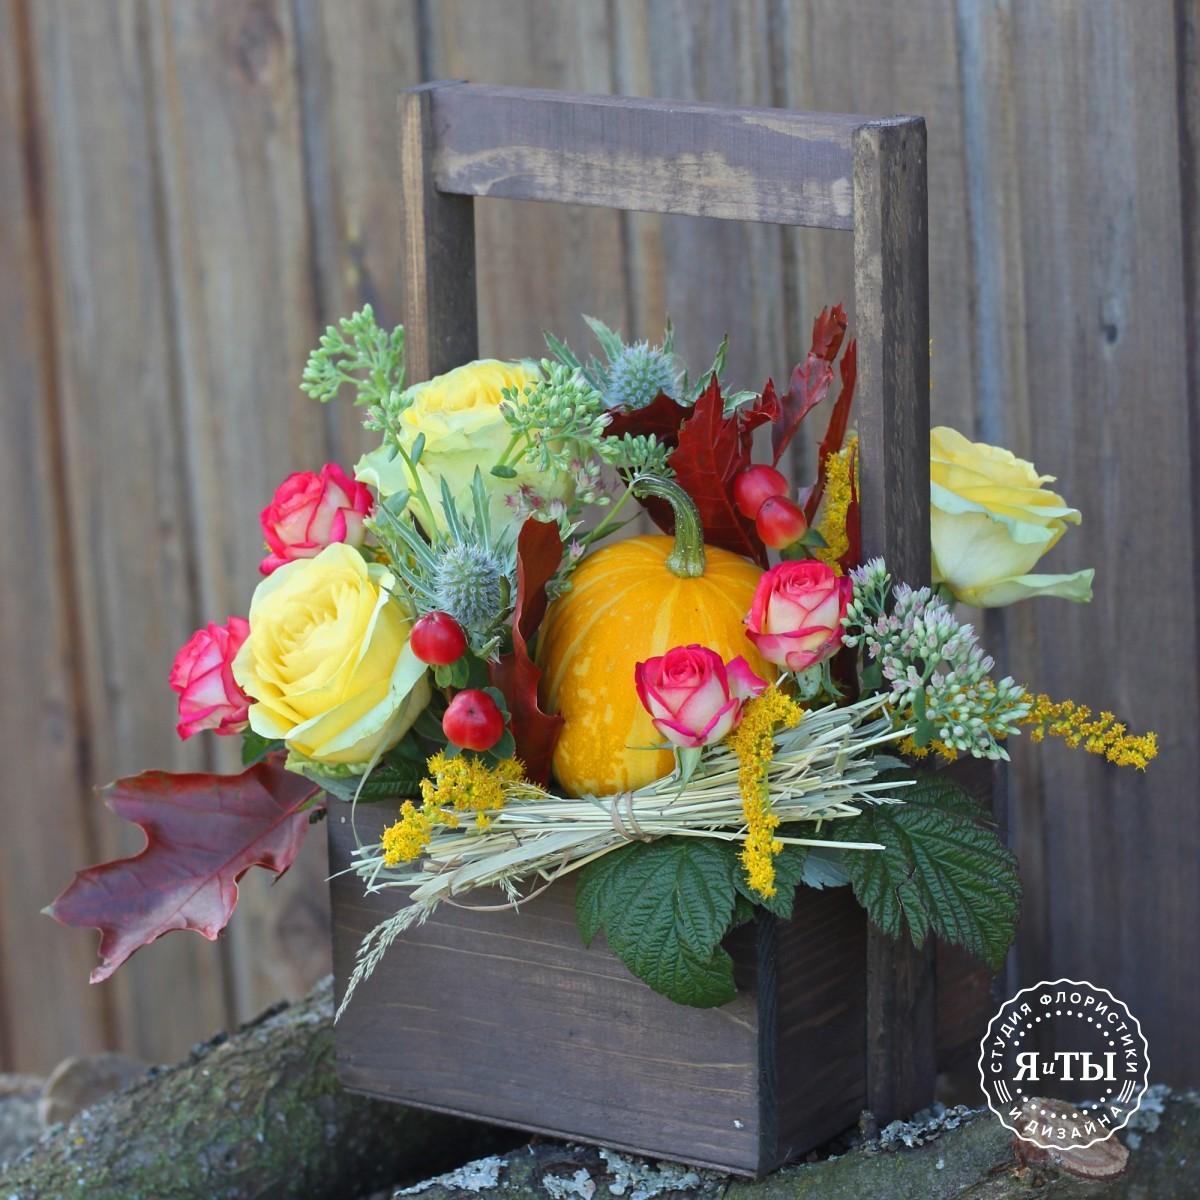 Небольшой ящичек с розами, зеленью и тыквой